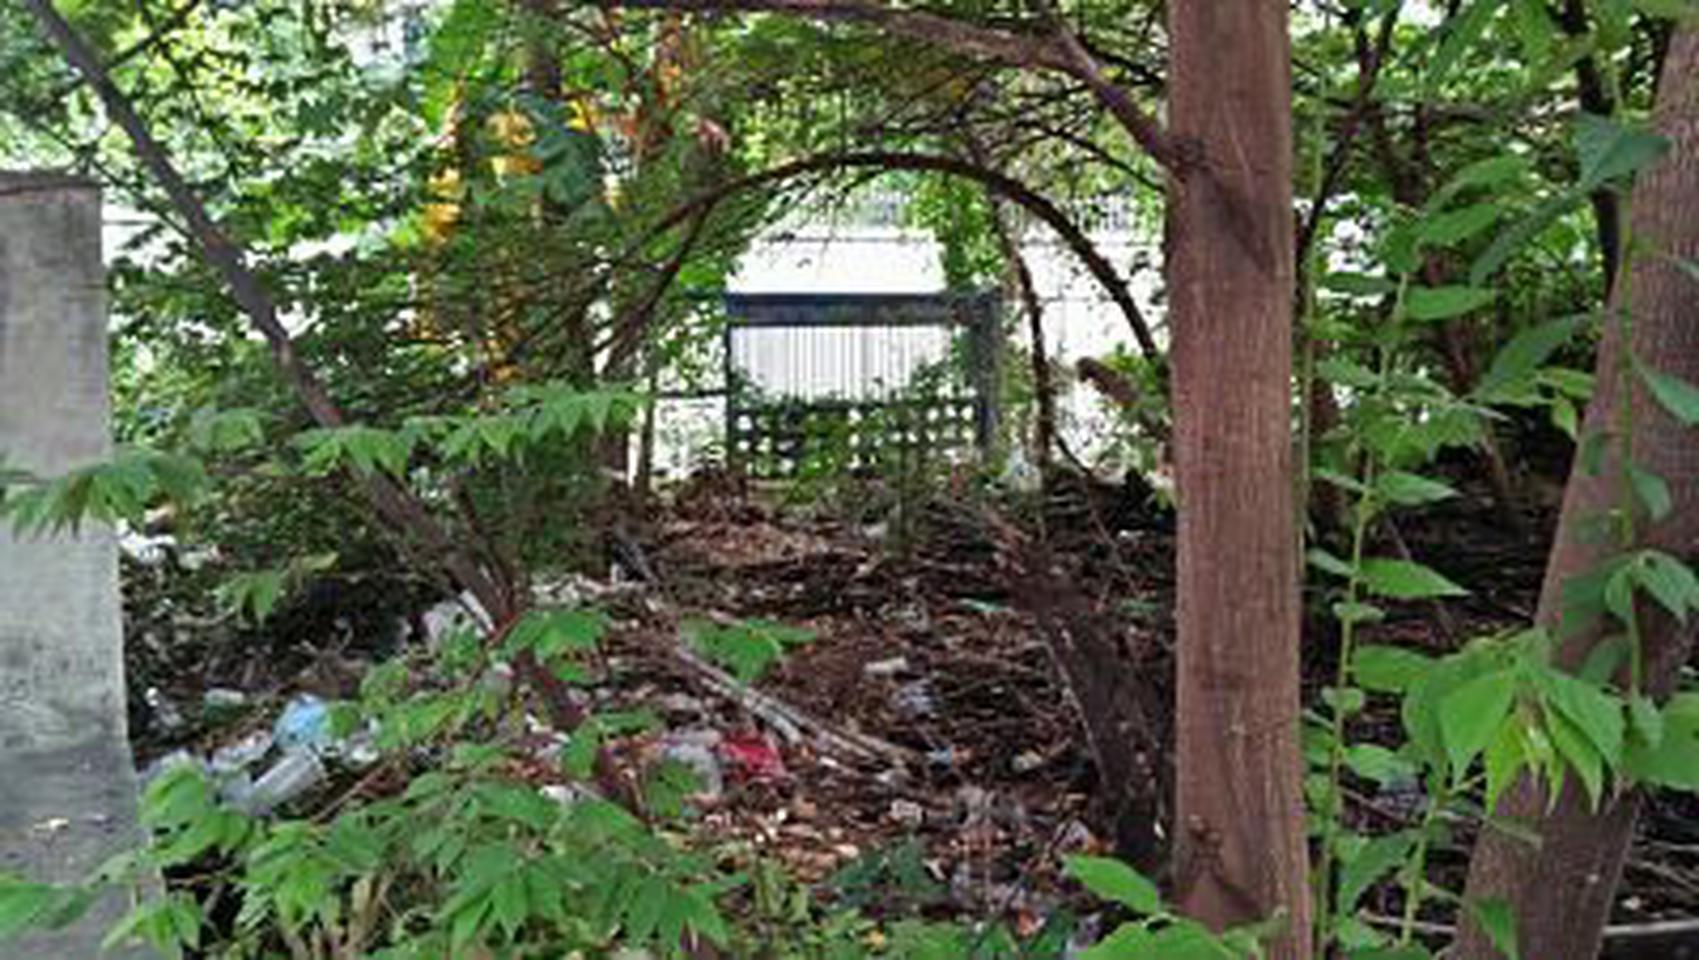 ให้เช่าที่ดินสภาพมีต้นไม้ปกคลุมเต็มติดถนนในซอย ร้อยวา เหมาะท รูปที่ 4